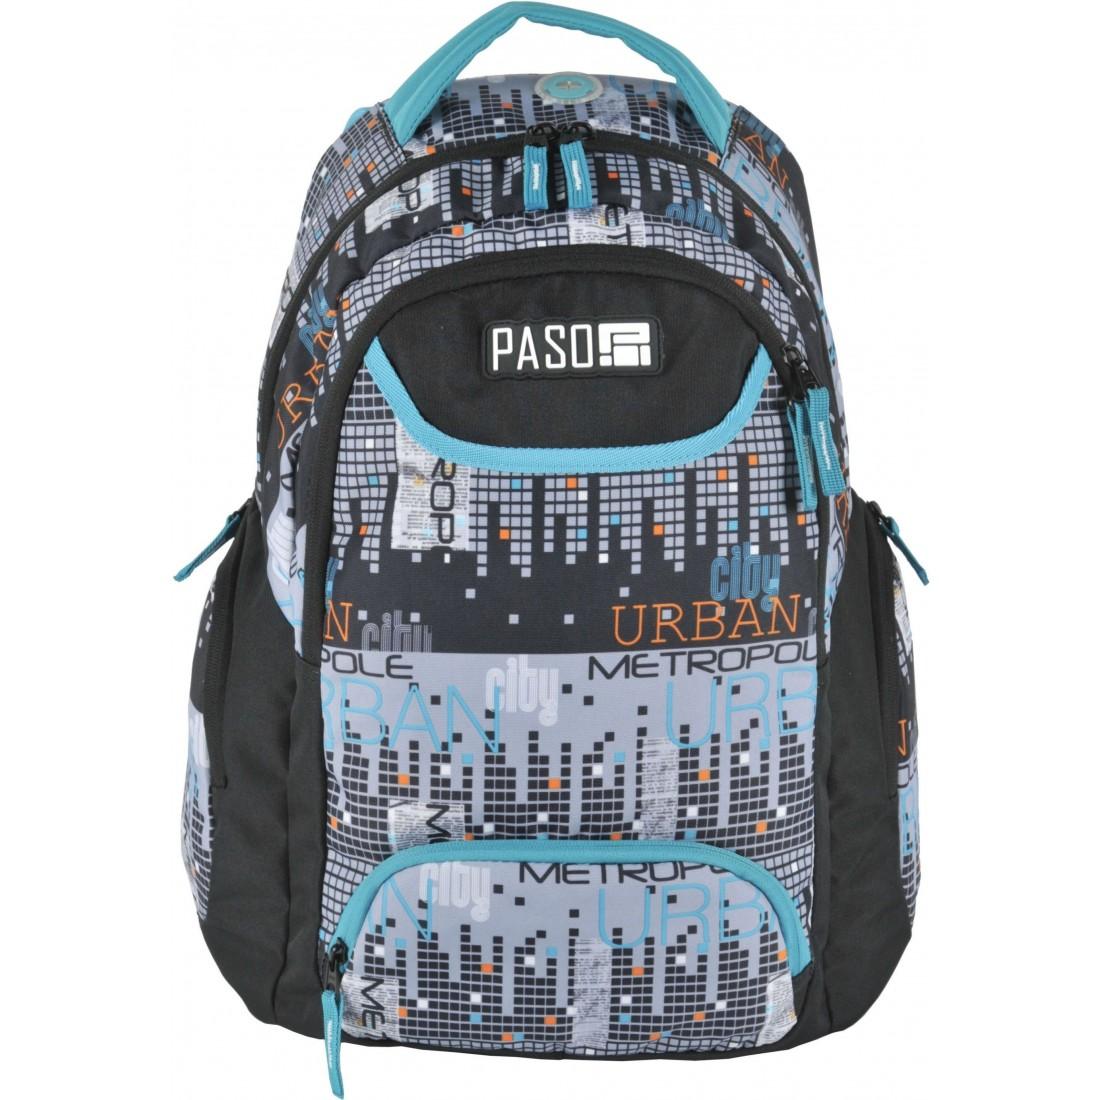 1c29c762d3a09 Plecak młodzieżowy do szkoły Paso Unique City miasto dla chłopaka ...